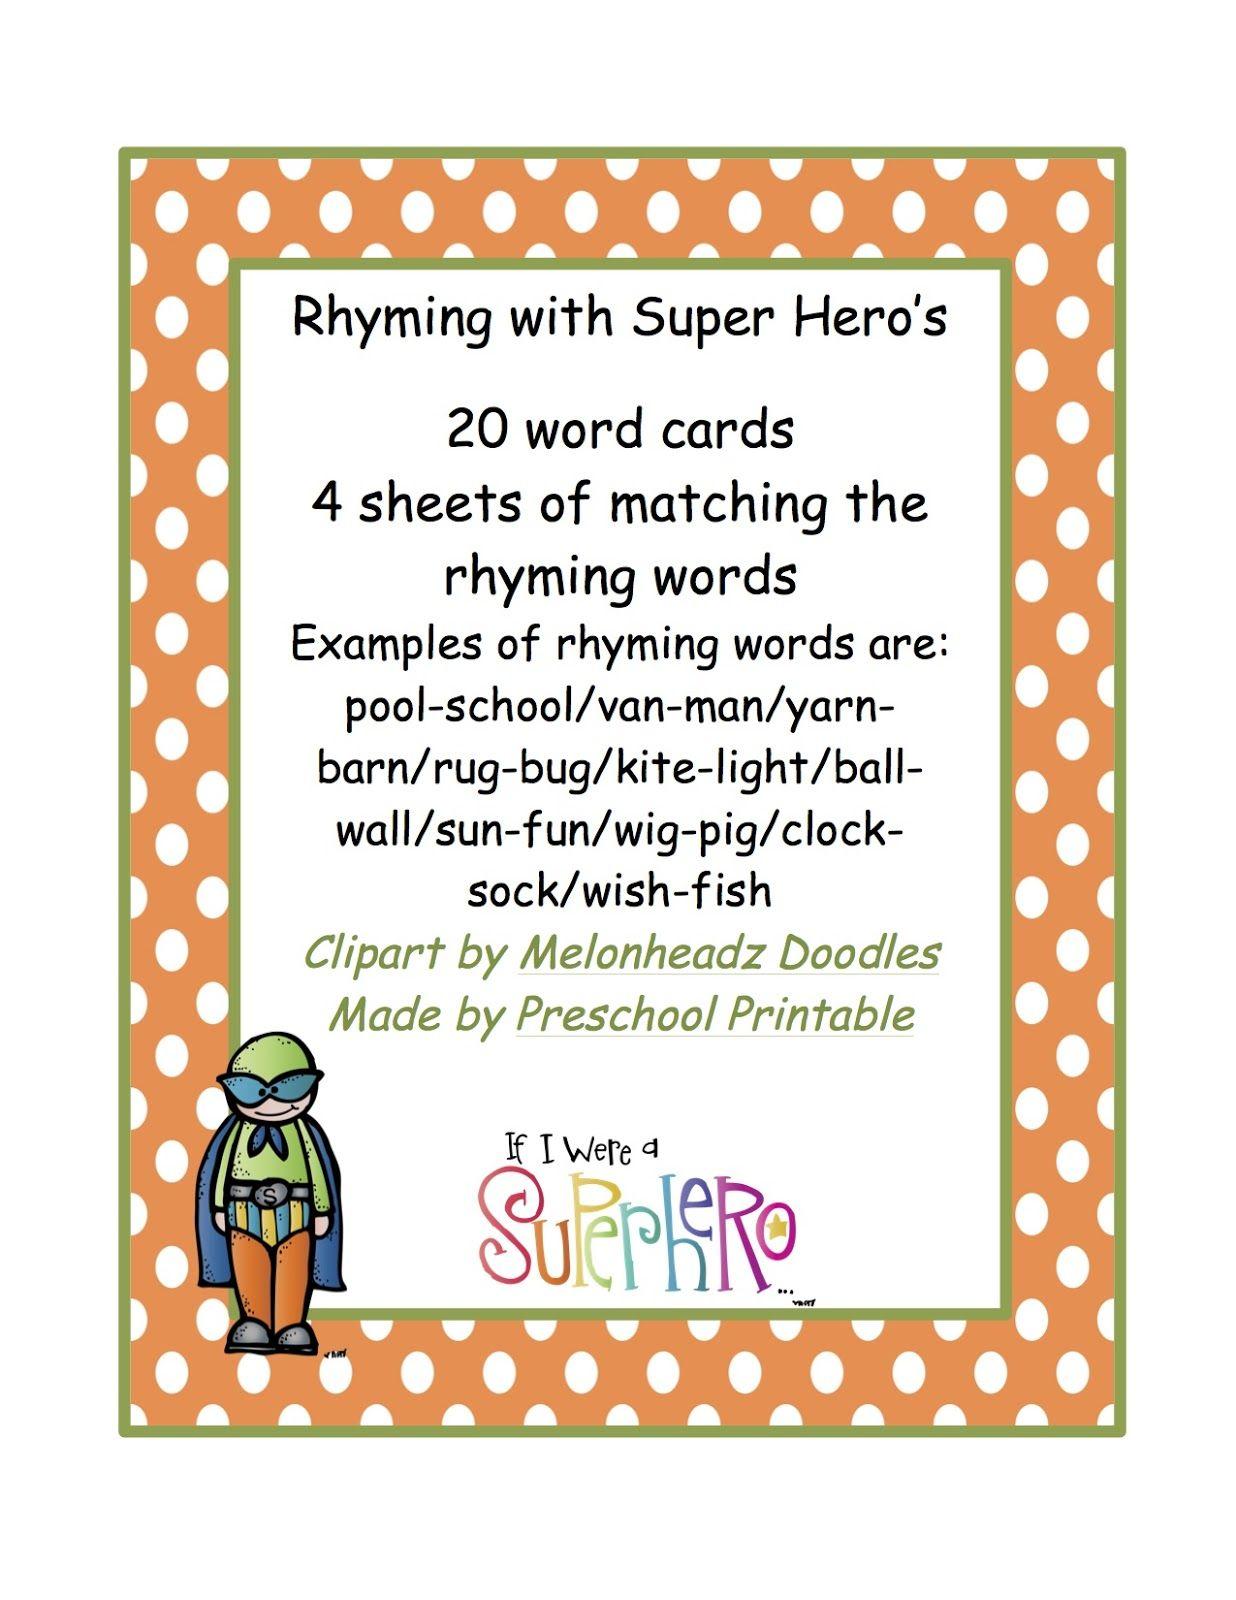 Preschool Printables Rhyming Words With Super Hero S